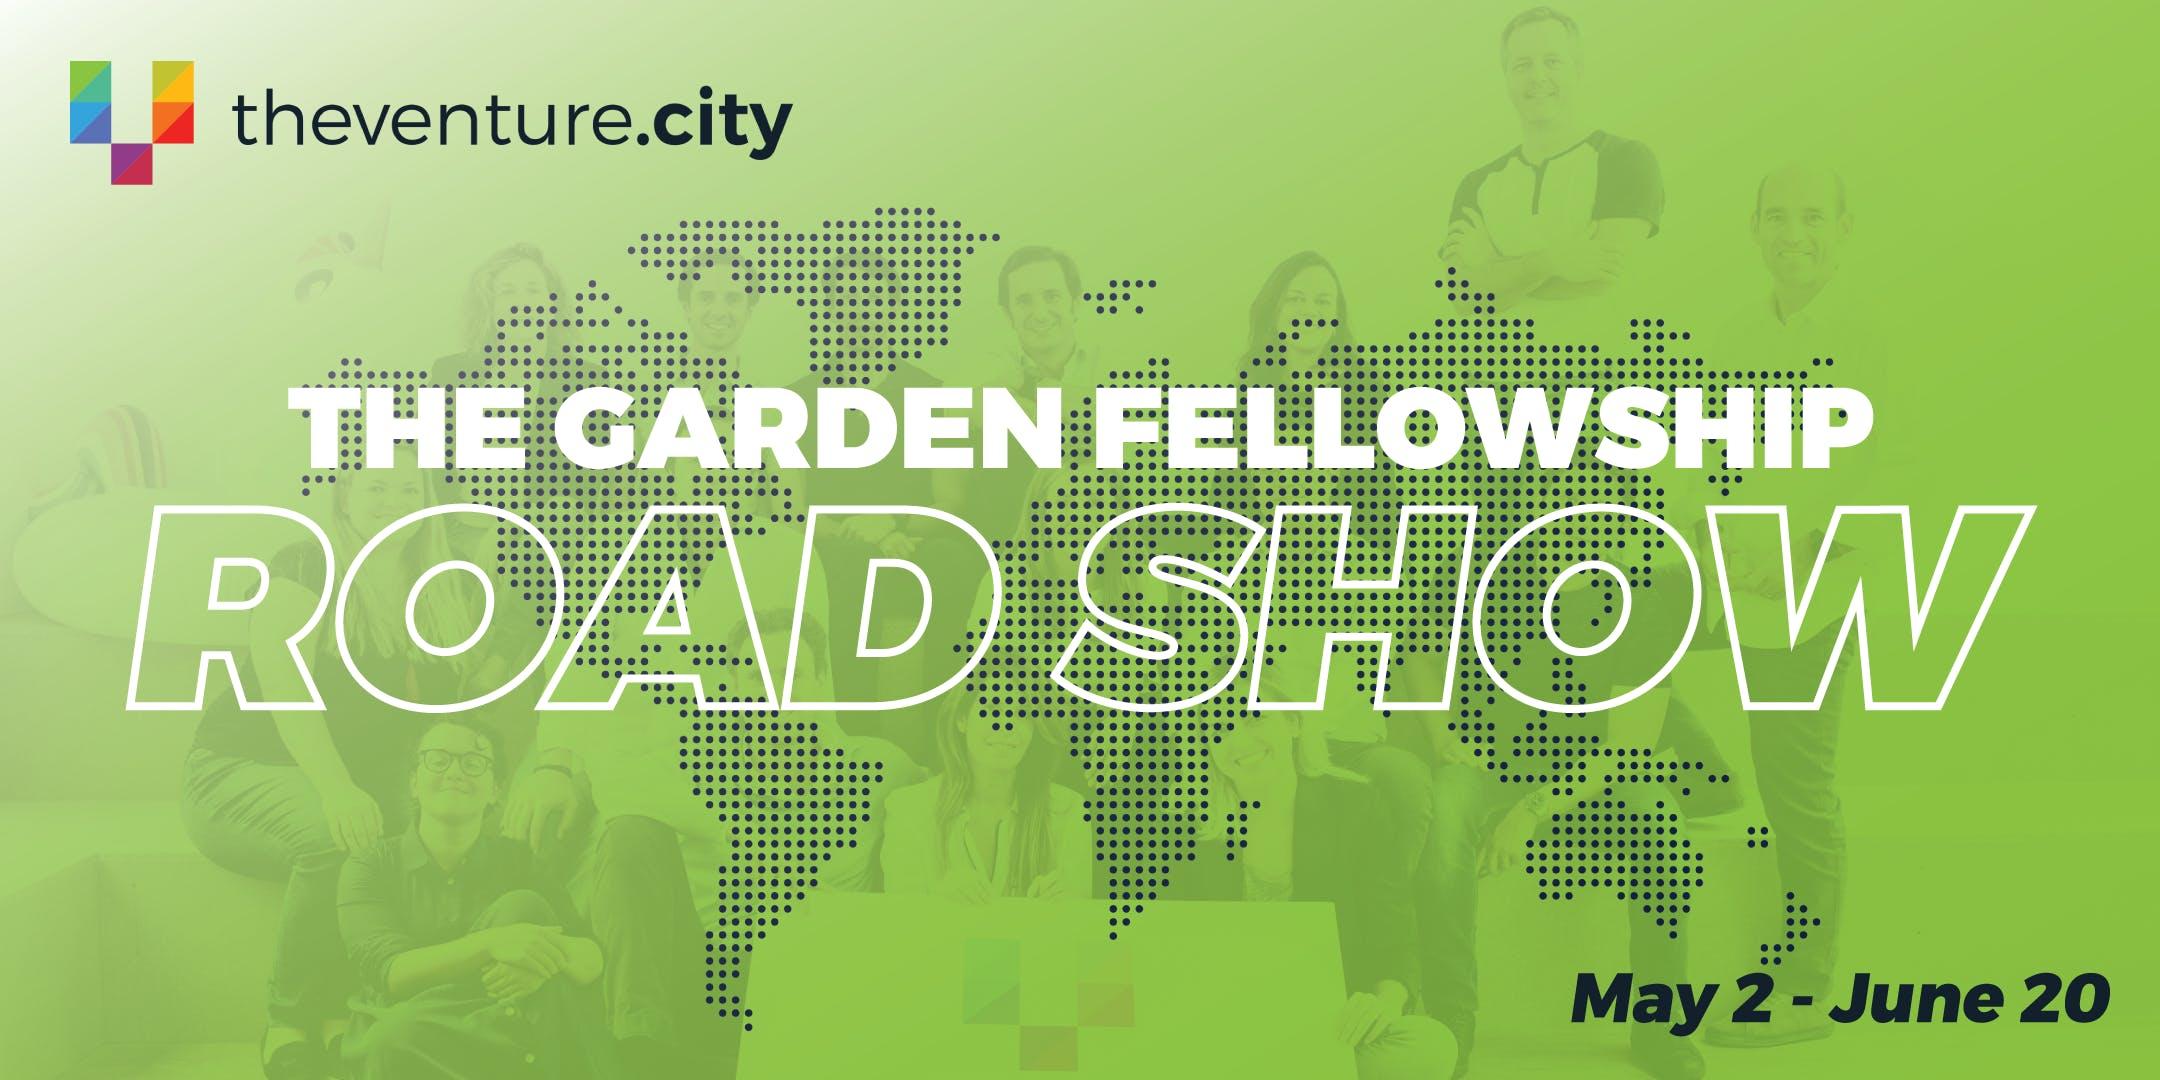 garden fellowship road show - The Garden Fellowship